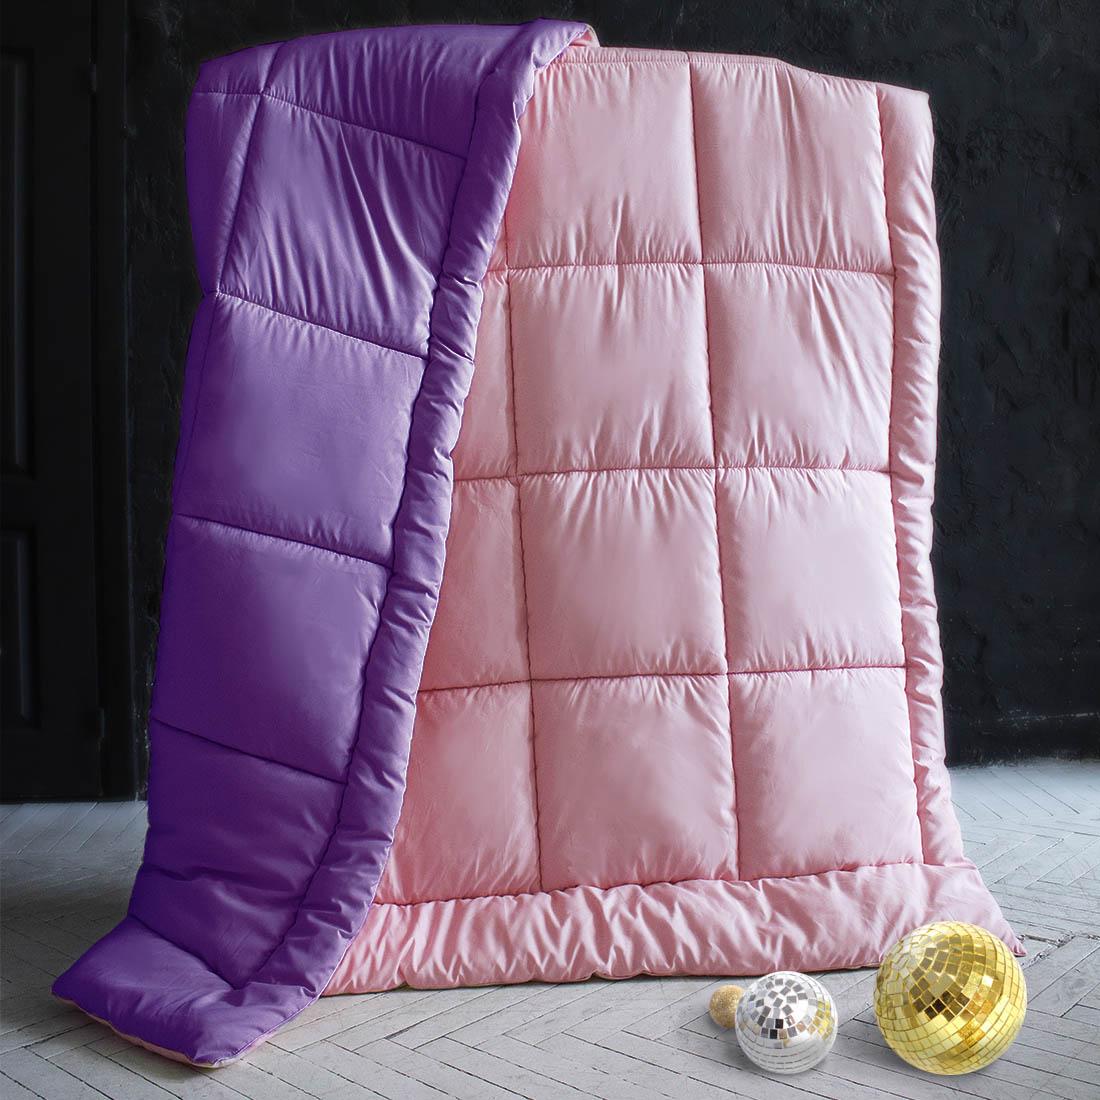 Одеяла Sleep iX Одеяло MiltiColorЦвет: Розовый/Темно-Фиолетовый (175х205 см) siemens lc 91 ba 582 ix